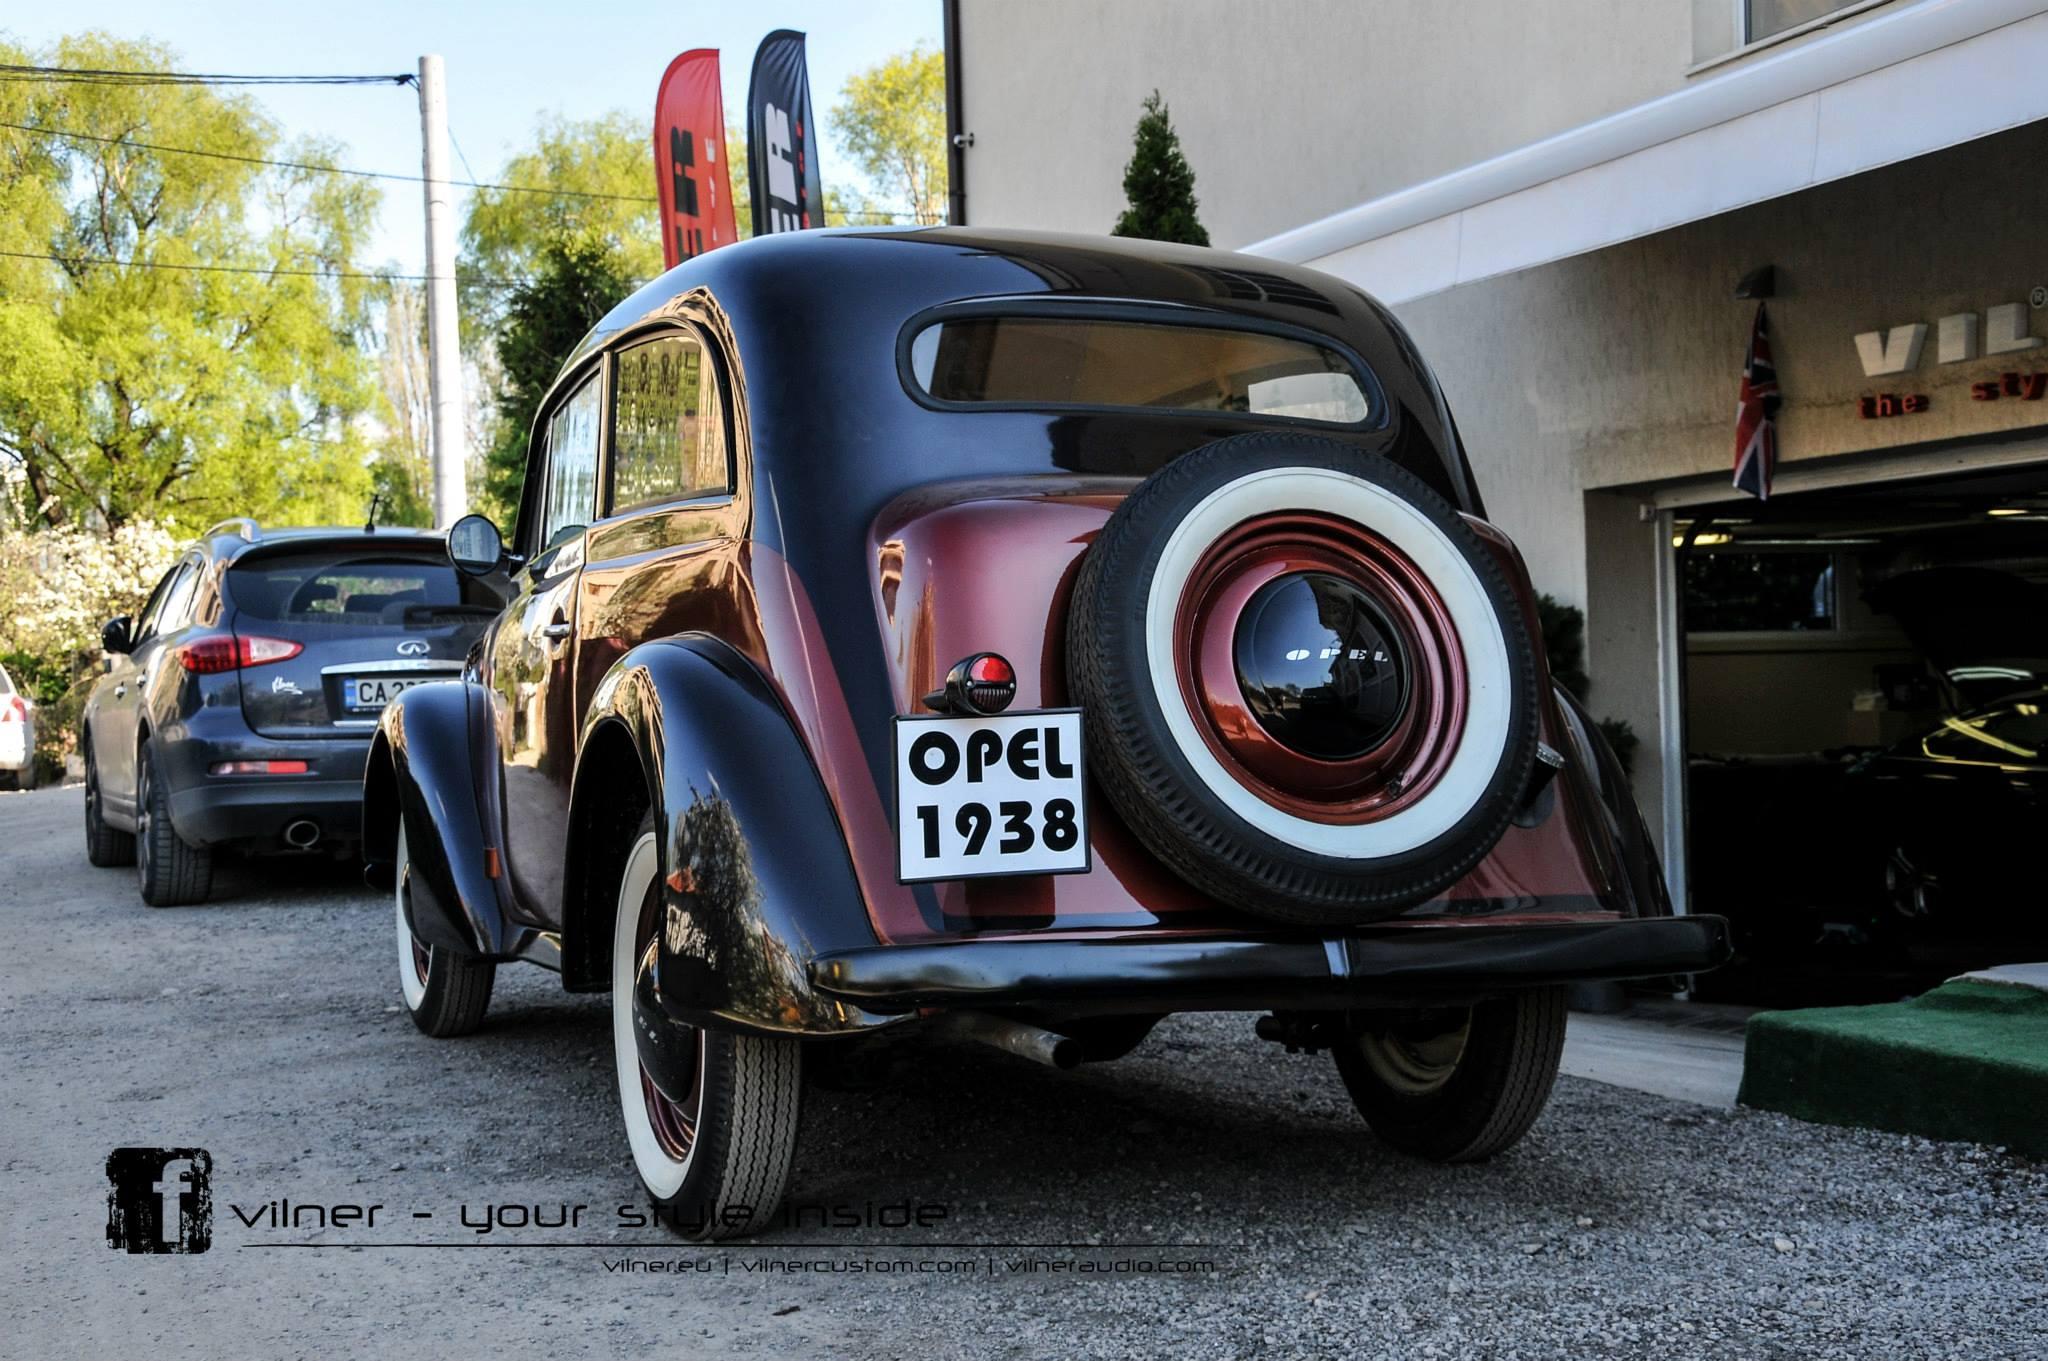 Vilner Restores 1938 Opel Olympia